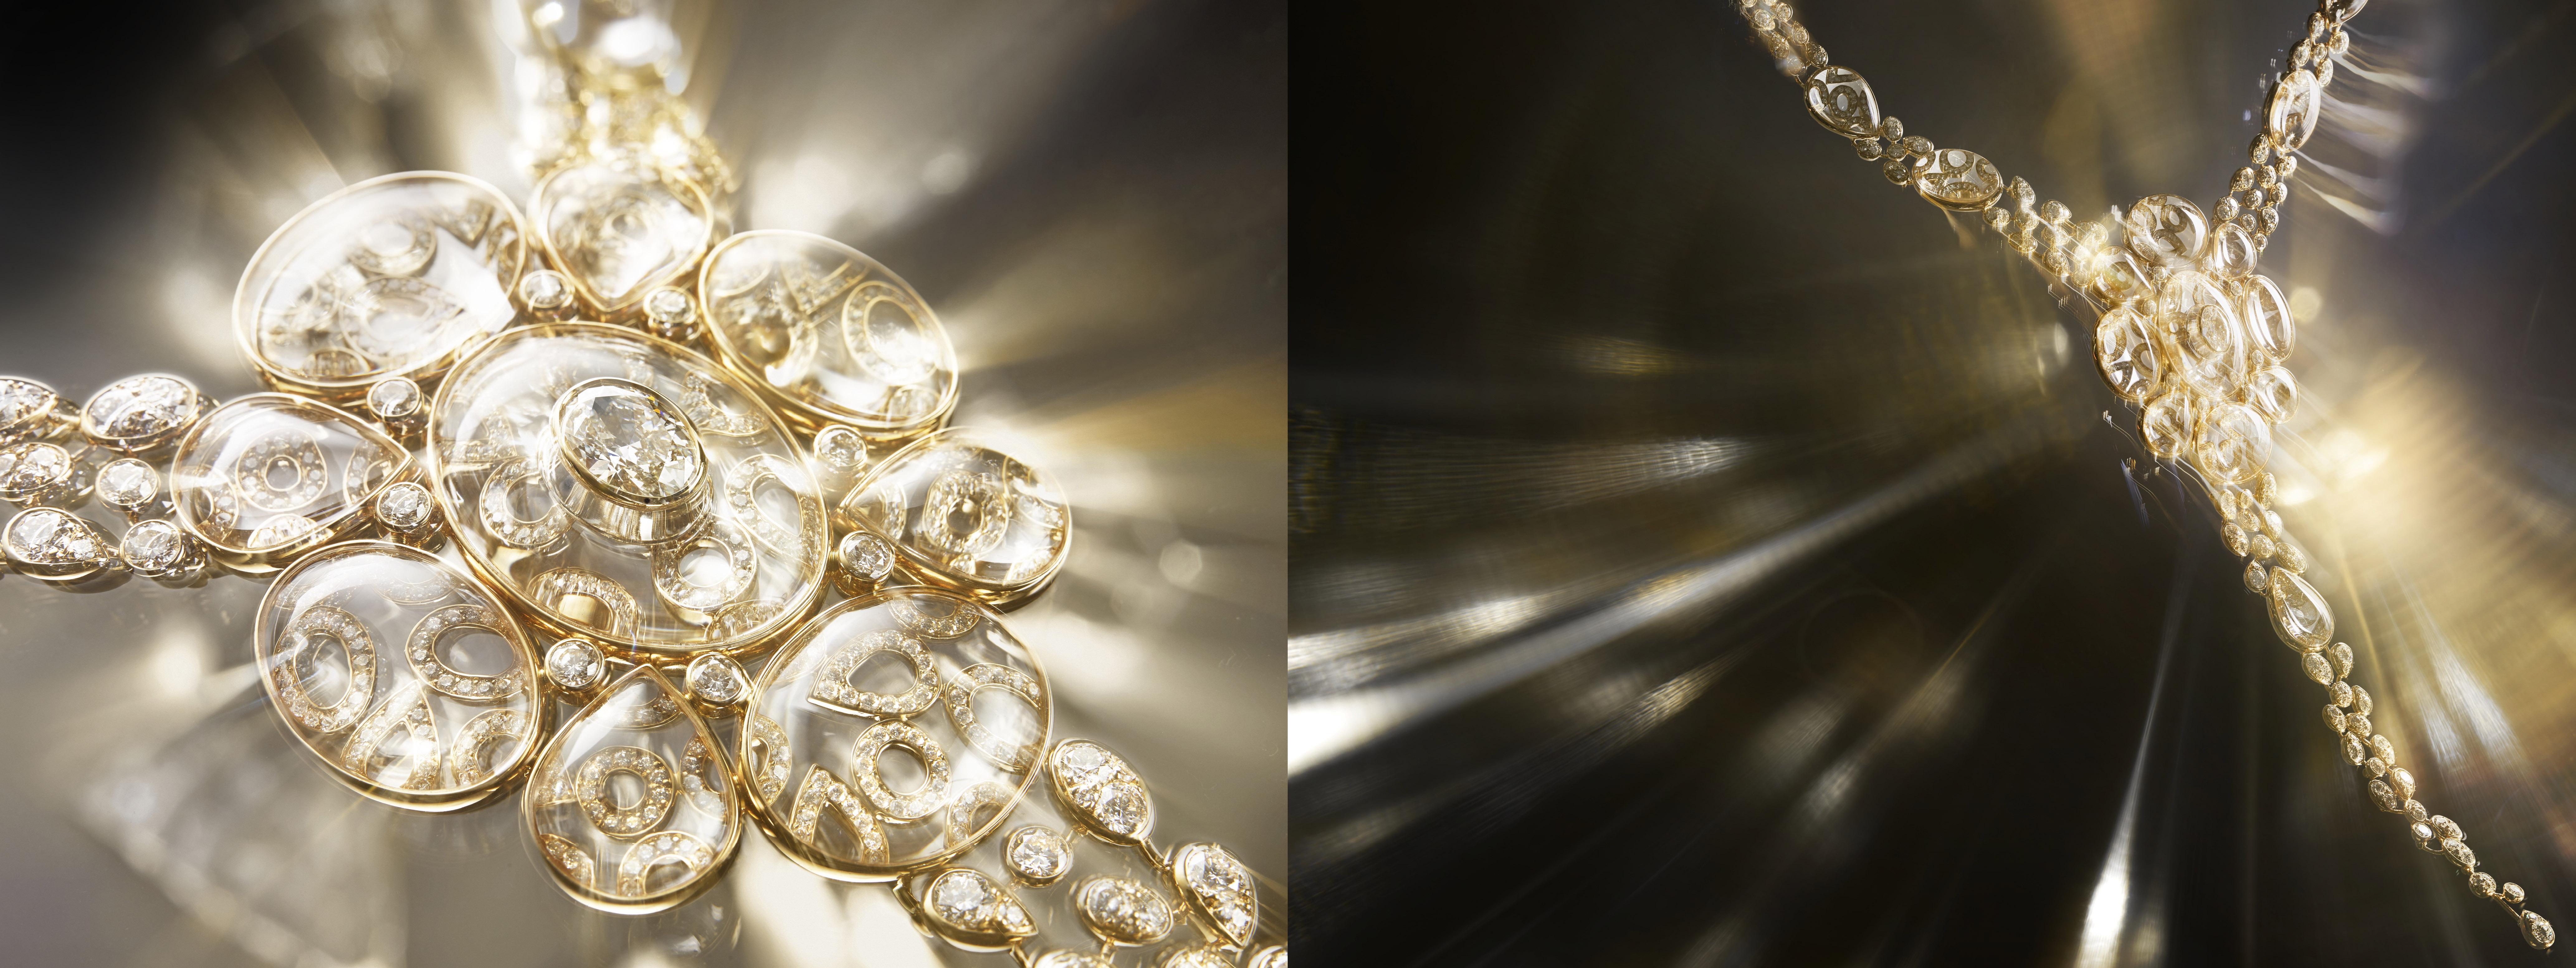 Les talismans de chanel haute joaillerie luxsure for Haute joaillerie chanel